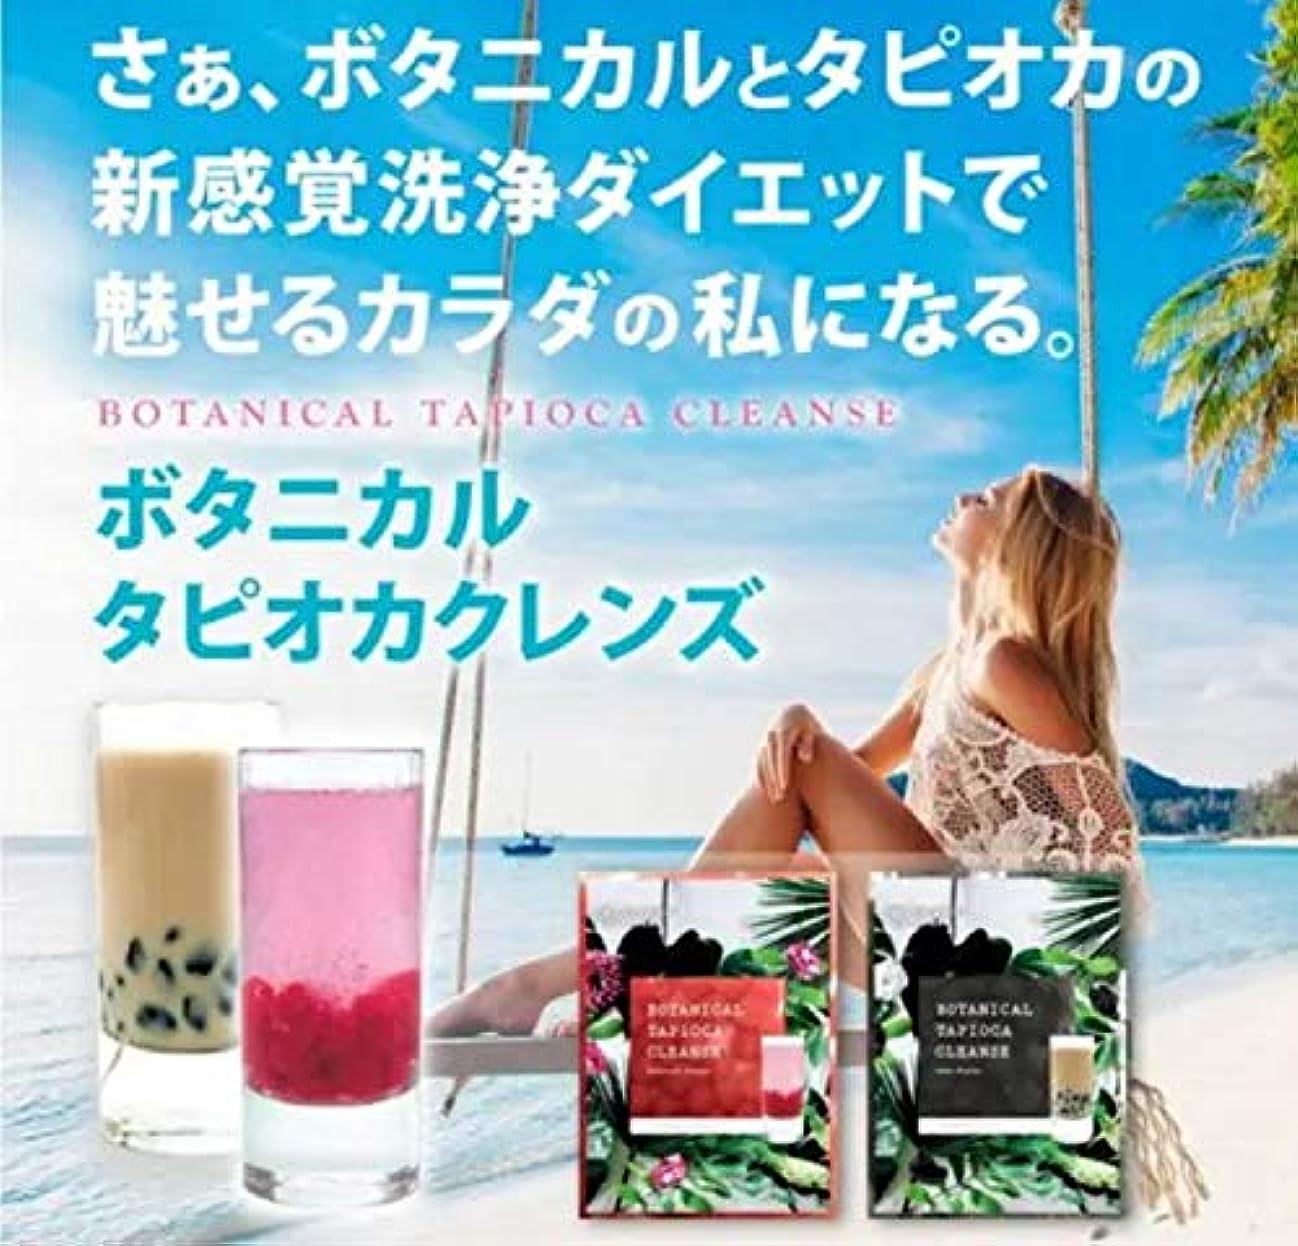 降臨冷笑するおっとボタニカルタピオカクレンズ カフェ&カクテル 2種類12袋セット(各6袋) お嬢様酵素